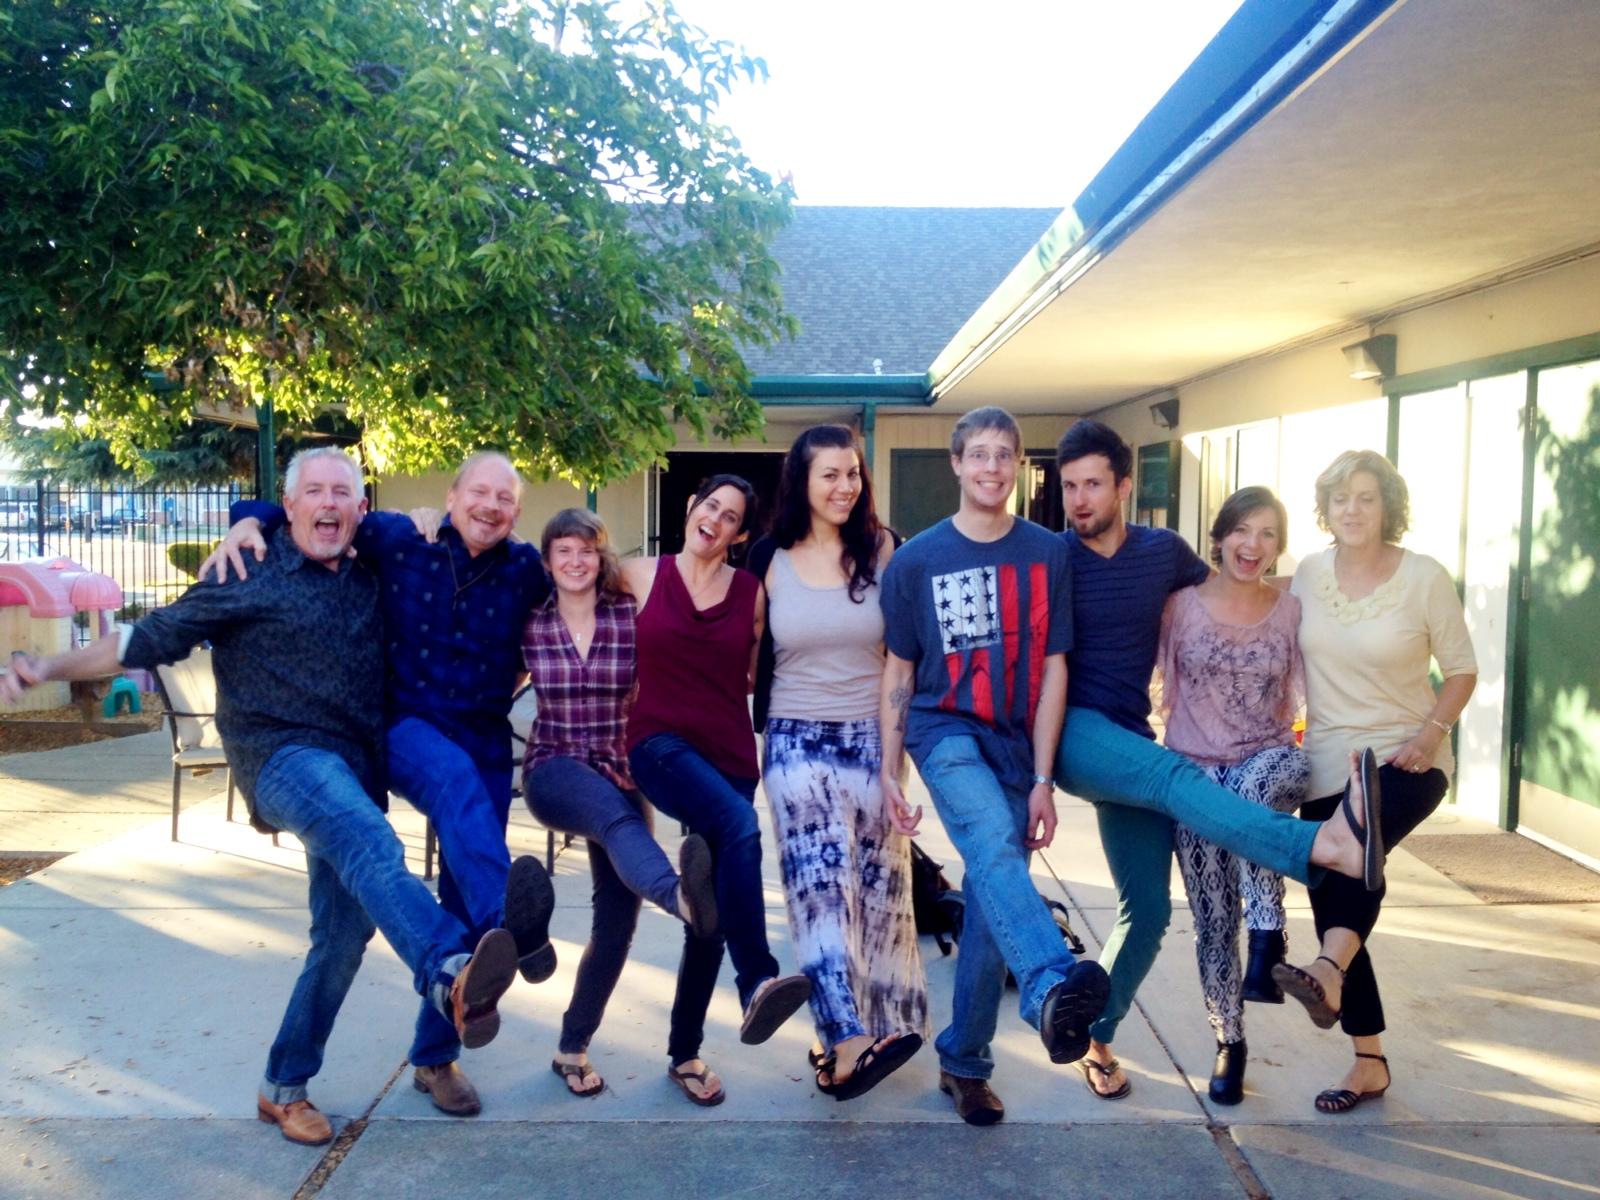 Kenny, Chuck, Linda and the Destiny family: Elisa, me, Crystal, Nick, Lukus, and Simona sending you blessings!!!